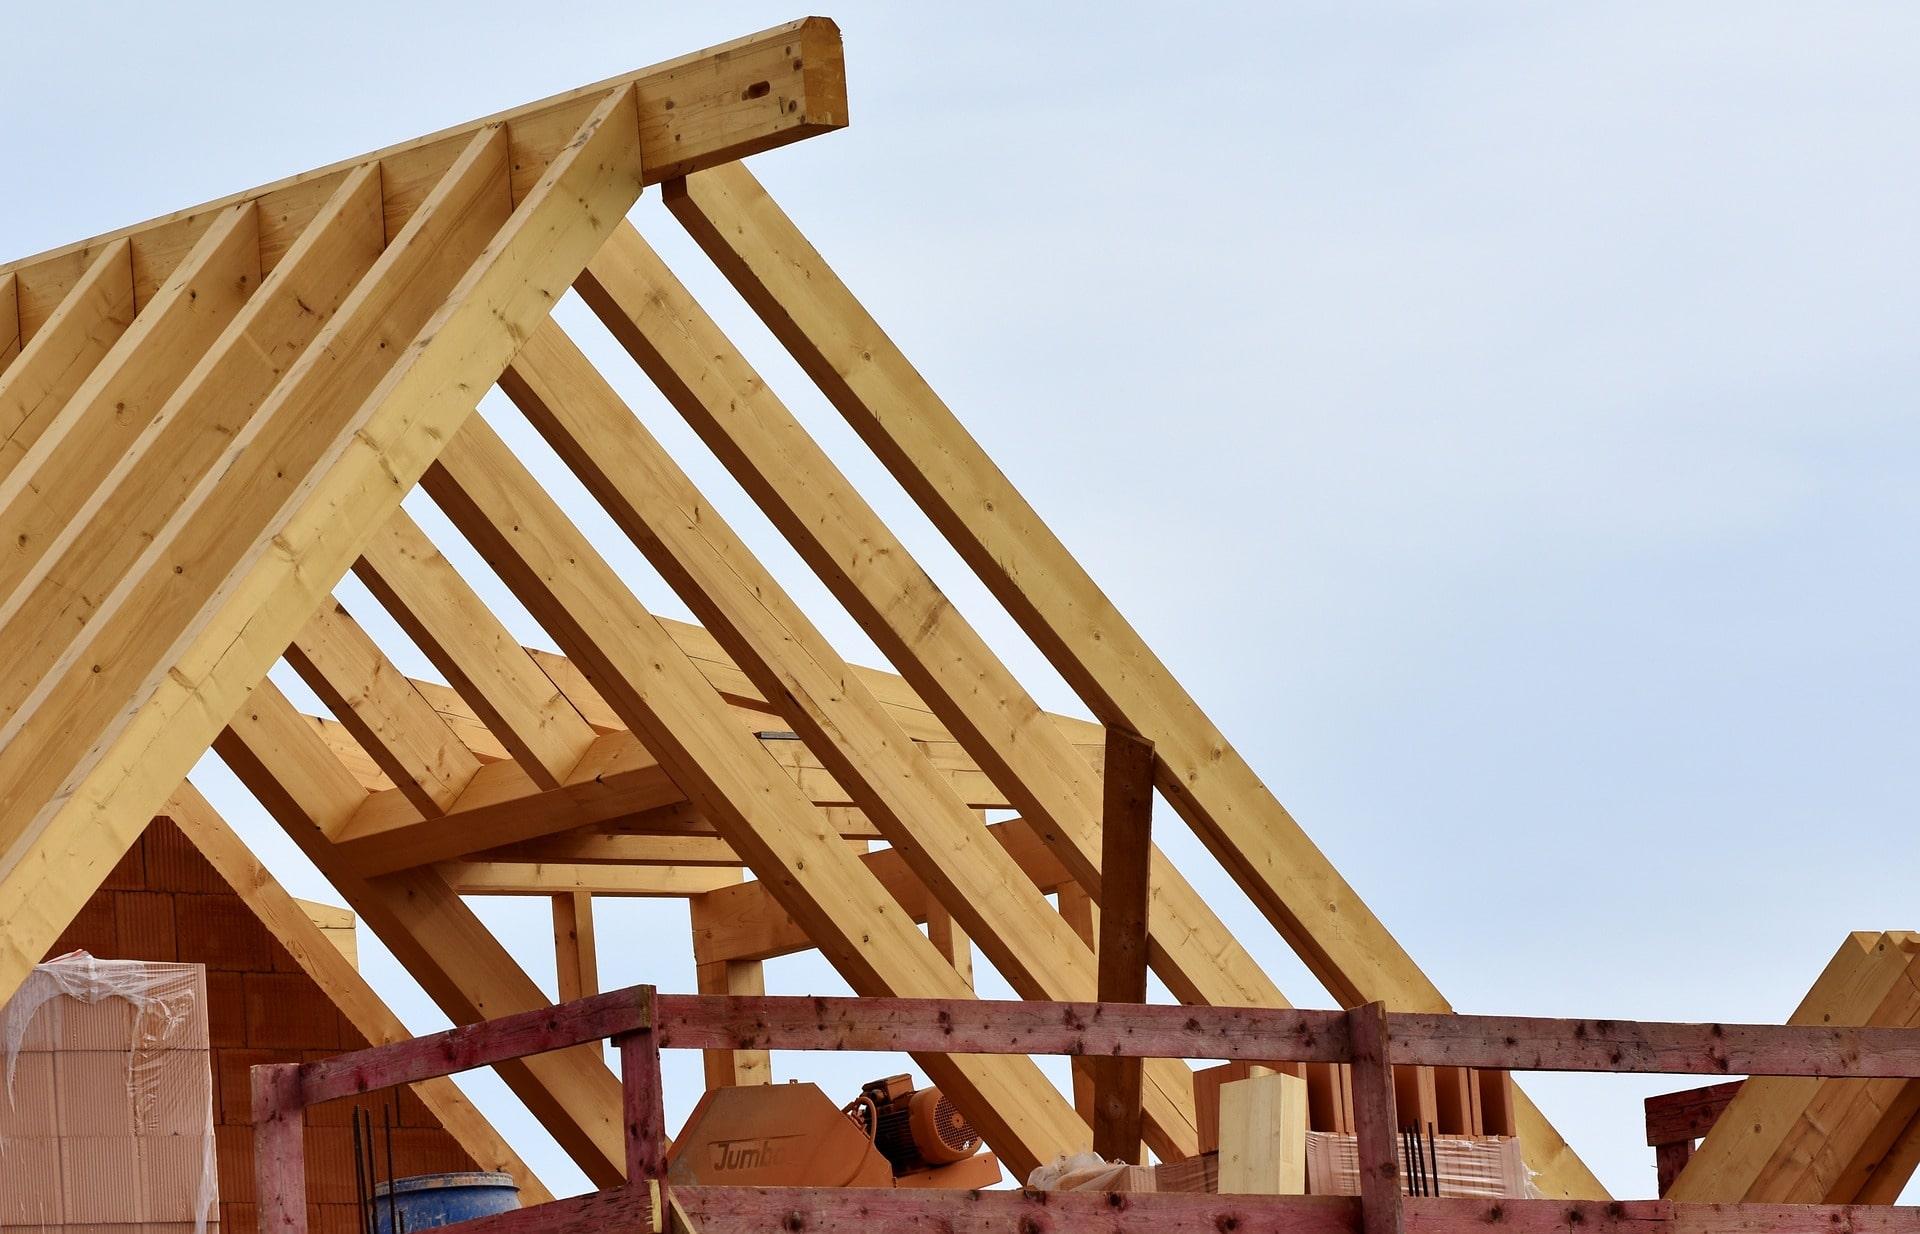 Bygge nyt hus pris